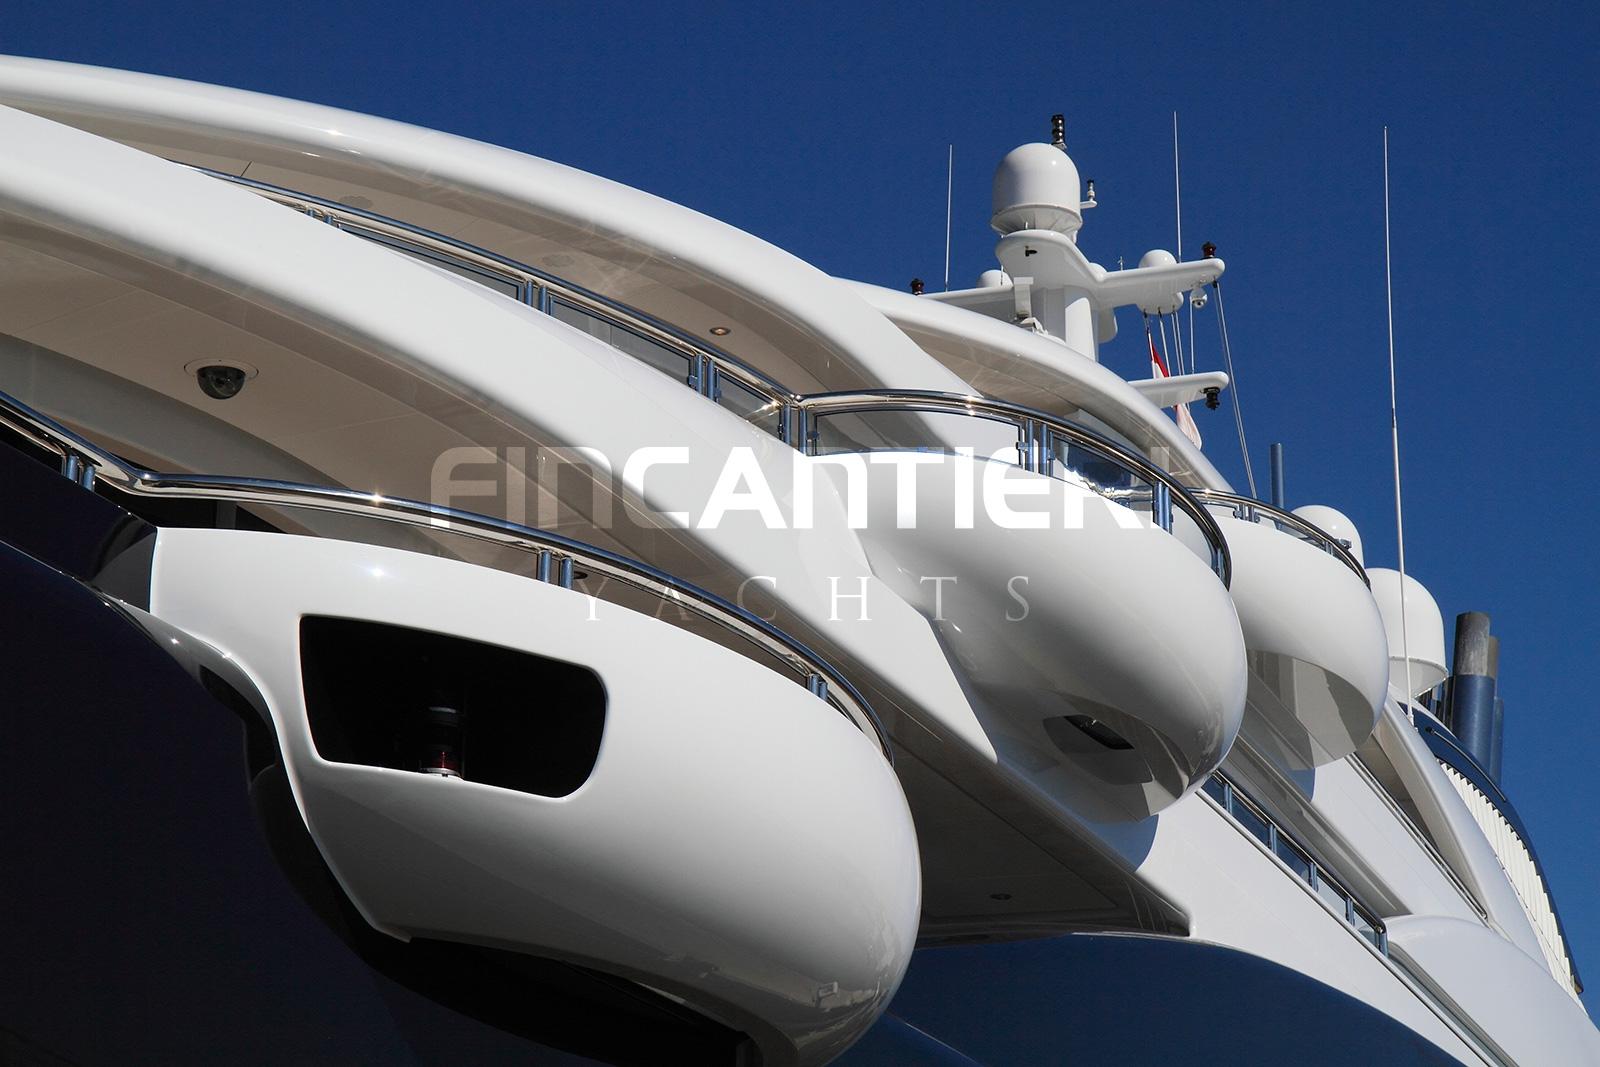 Yacht SERENE By Fincantieri - Side